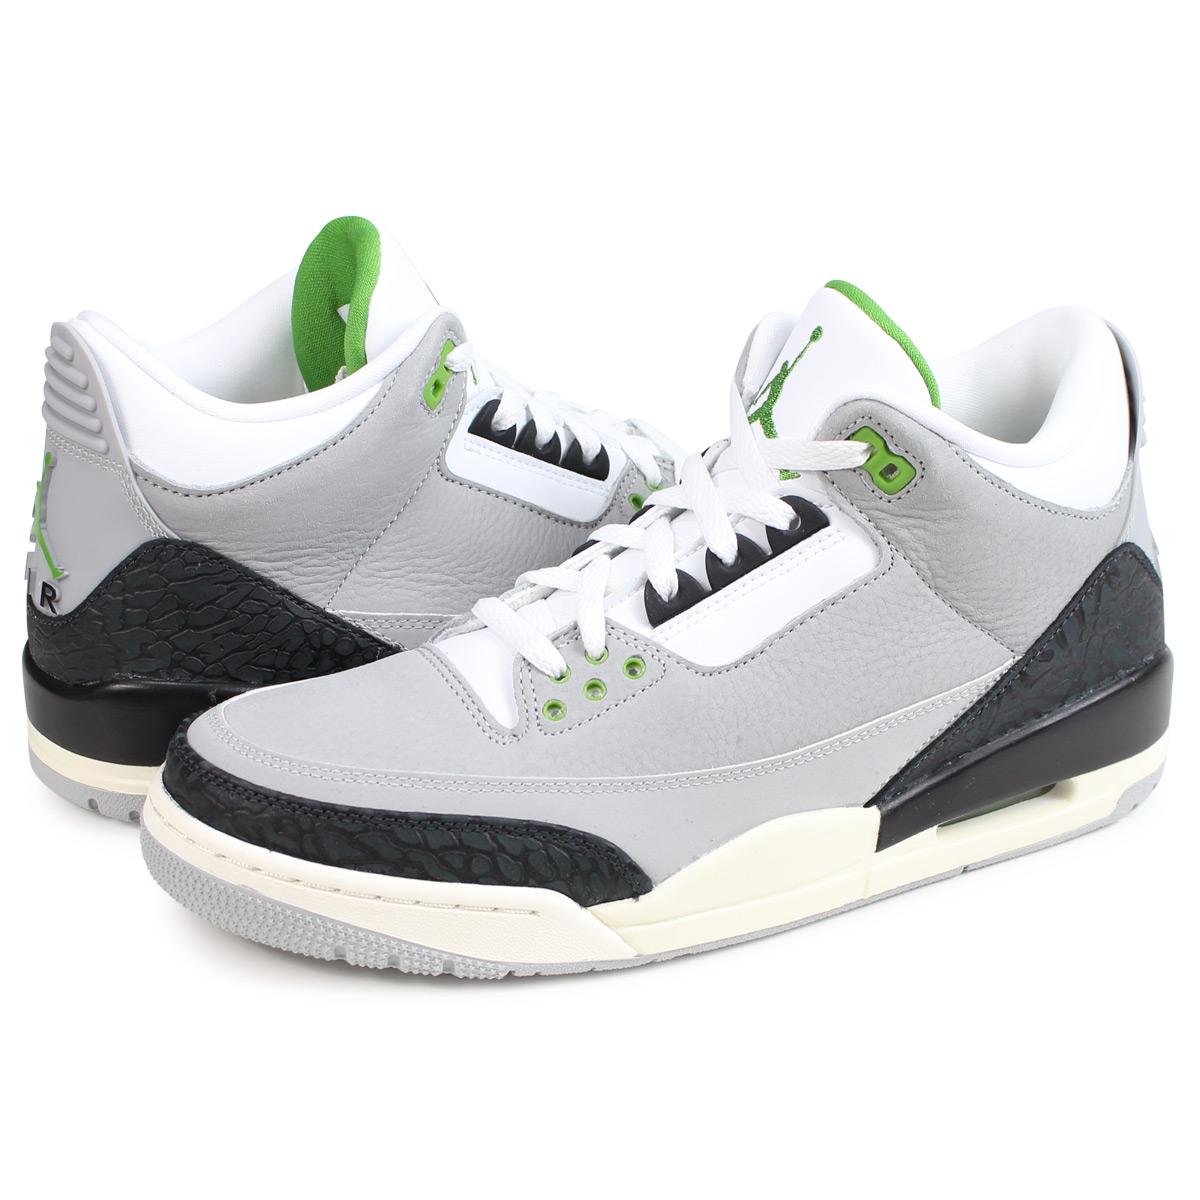 754391ffdec6fc ALLSPORTS  Nike NIKE Air Jordan 3 nostalgic sneakers men AIR JORDAN ...